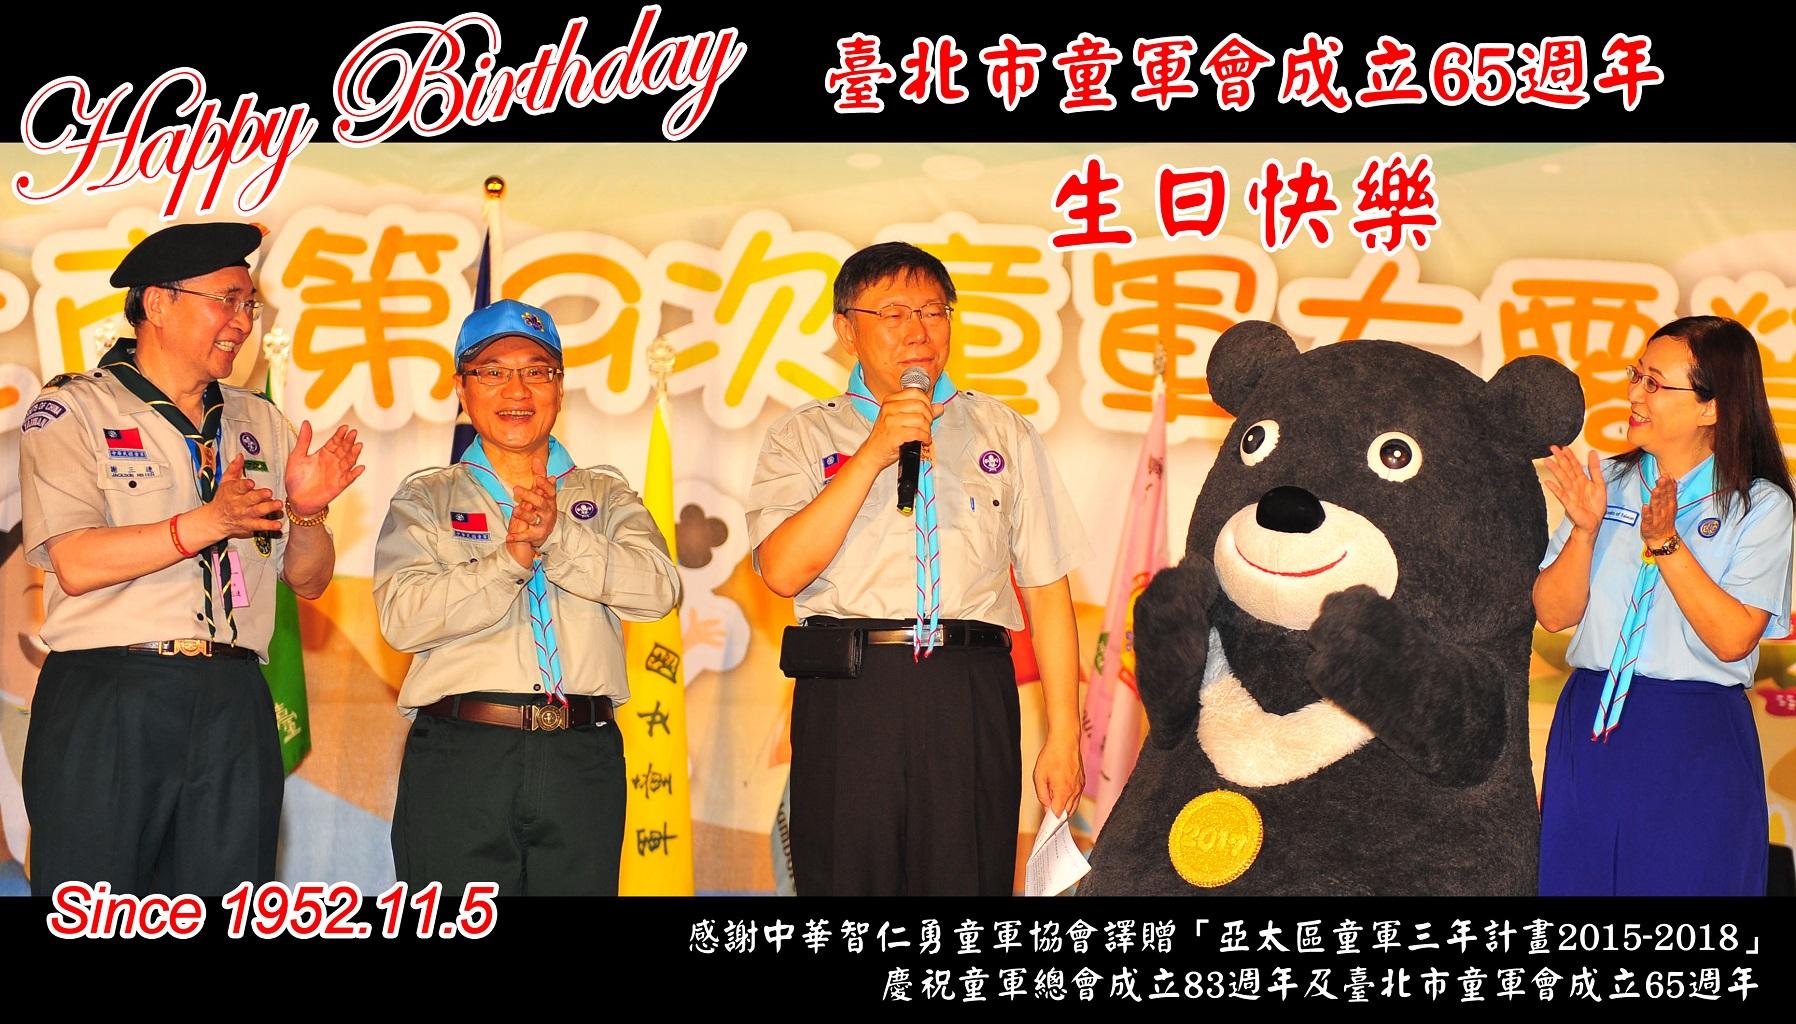 臺北市童軍會成立65週年生日快樂。點圖可下載亞太區童軍三年計畫中譯web版